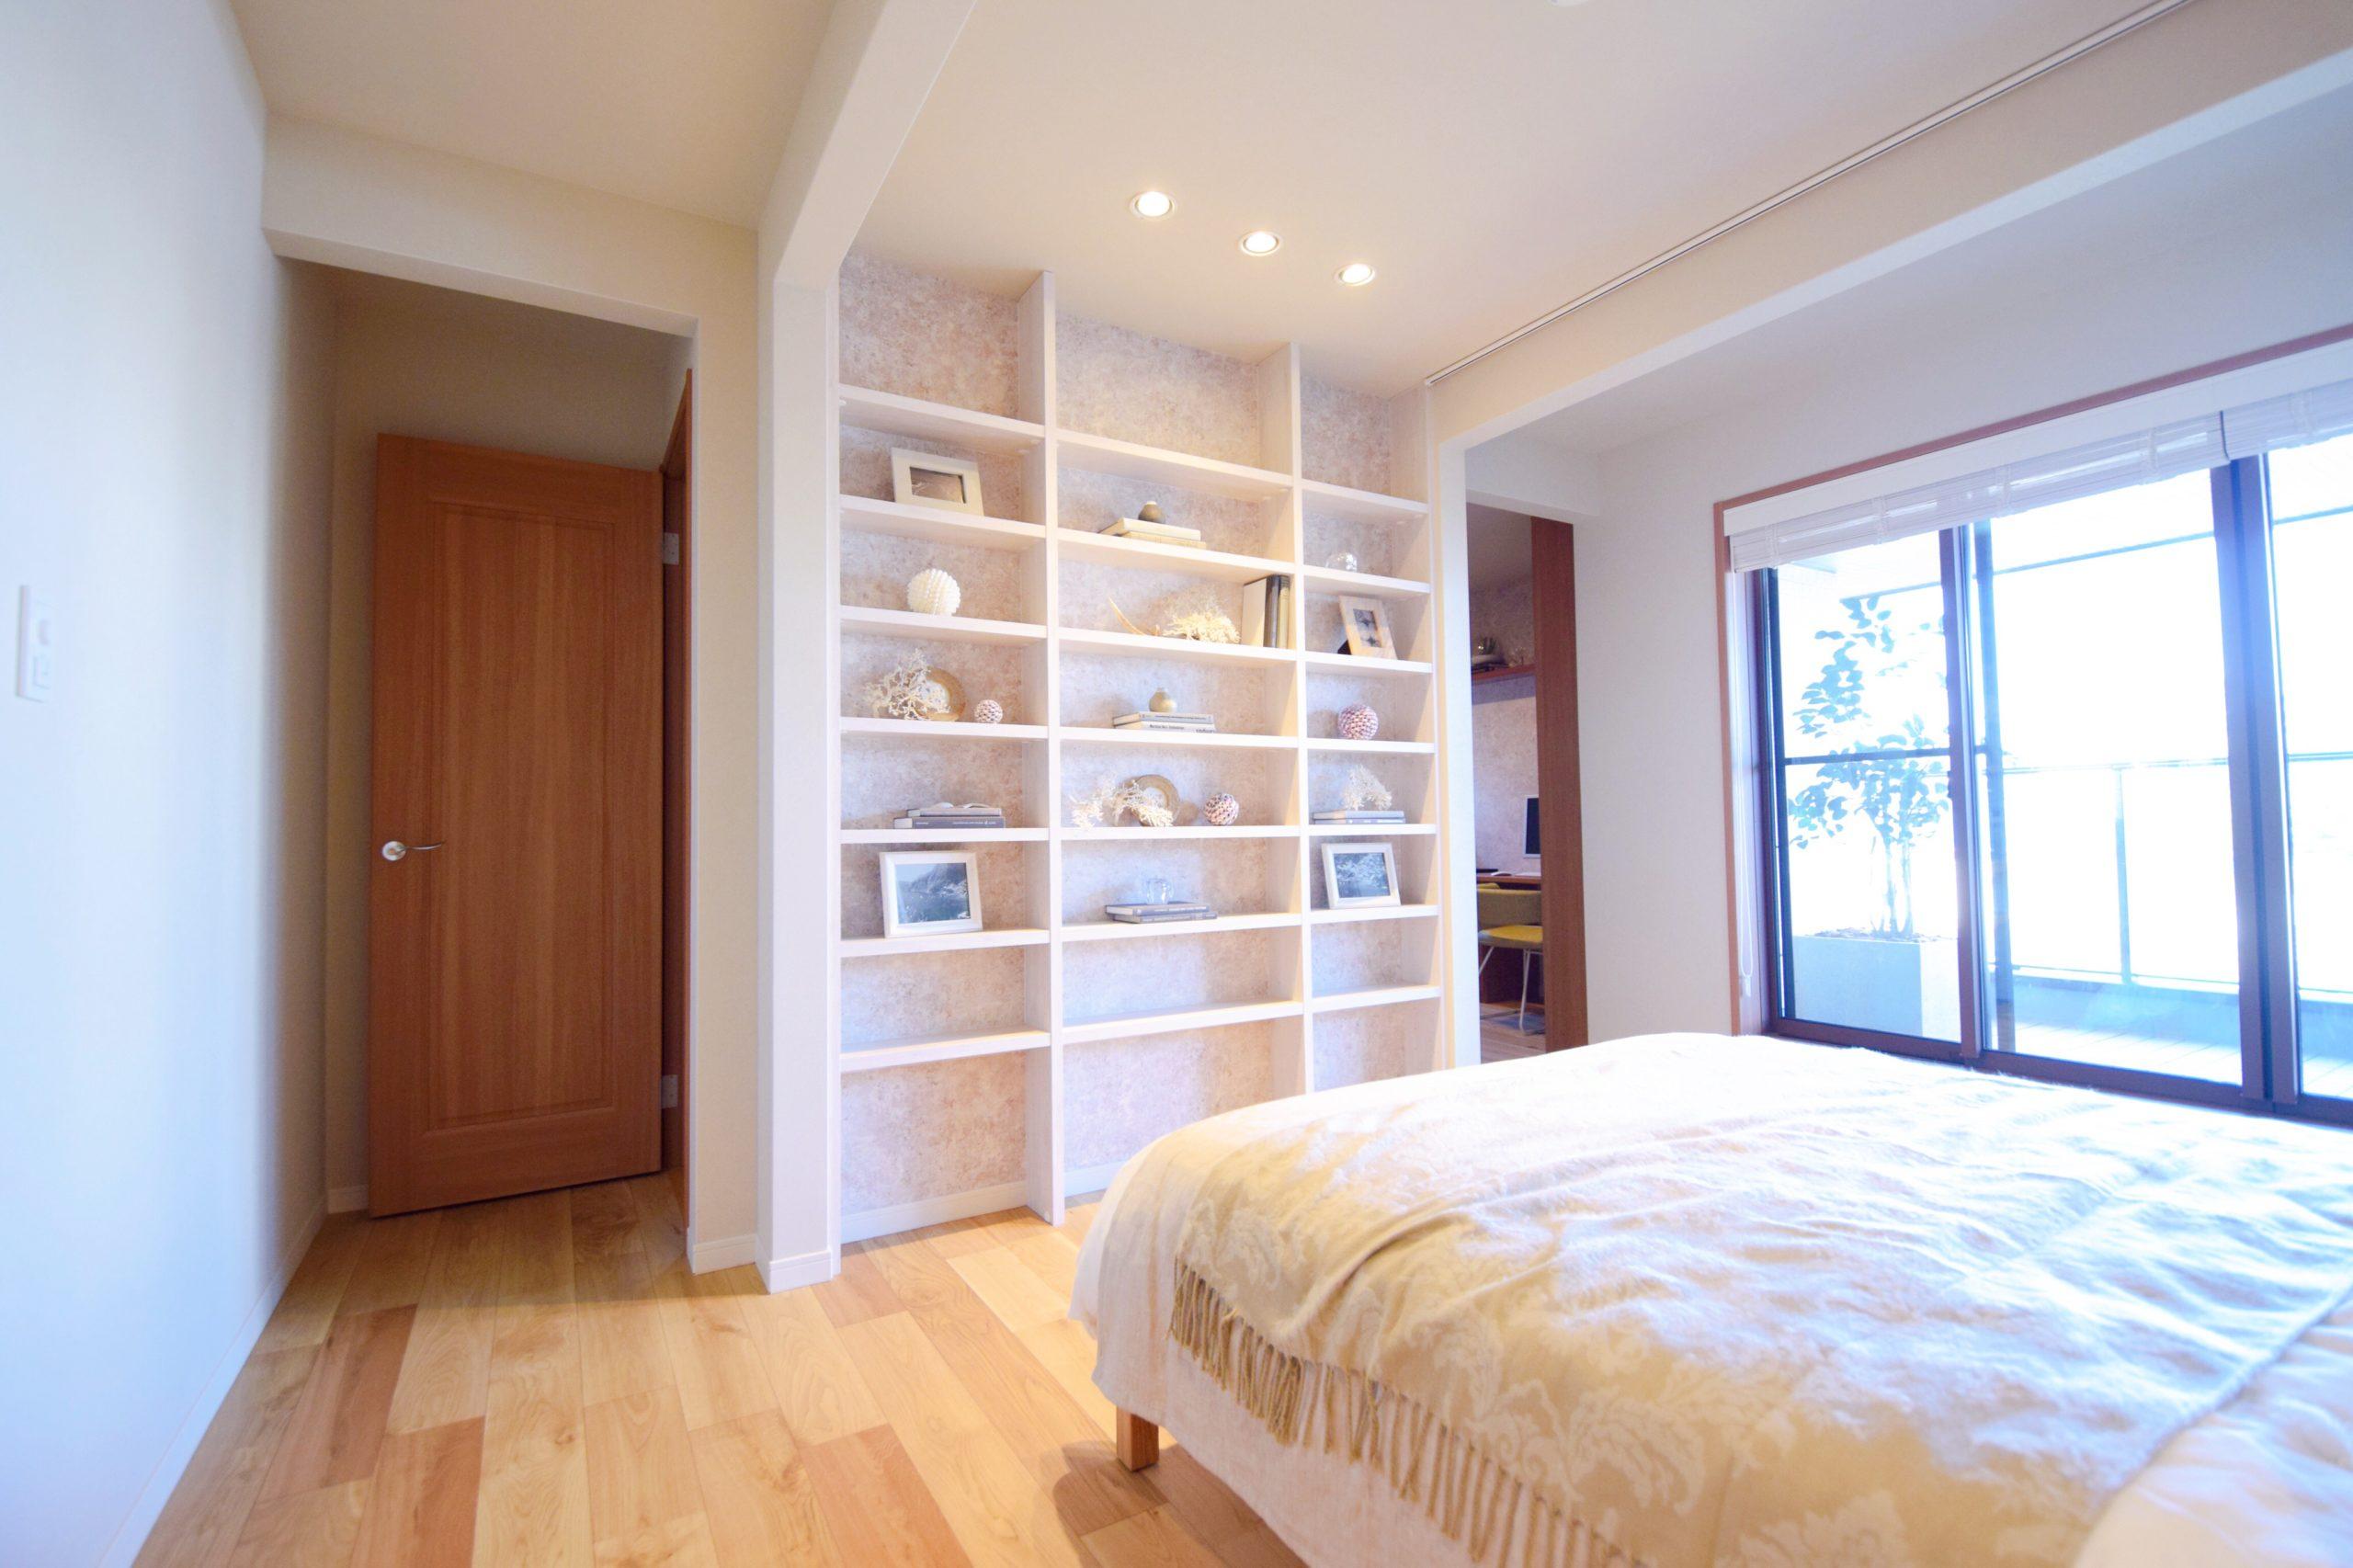 壁付の飾り棚で楽しい寝室